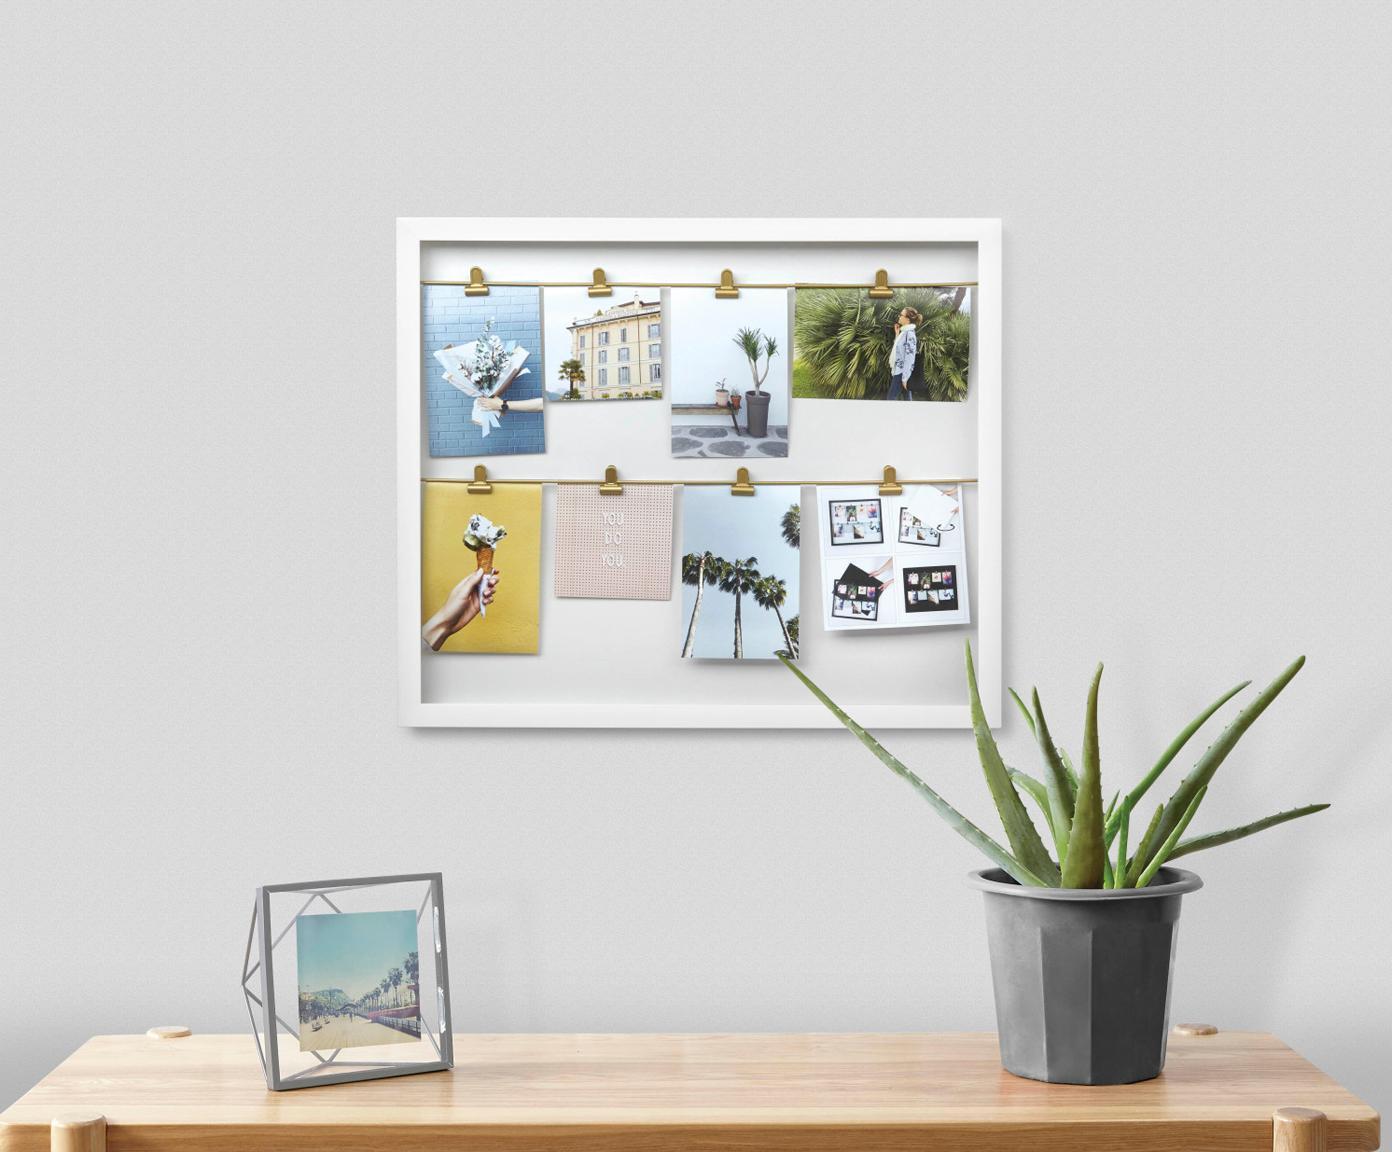 Ramka na zdjęcia Clipline, Tworzywo sztuczne, Biały, 10 x 15 cm